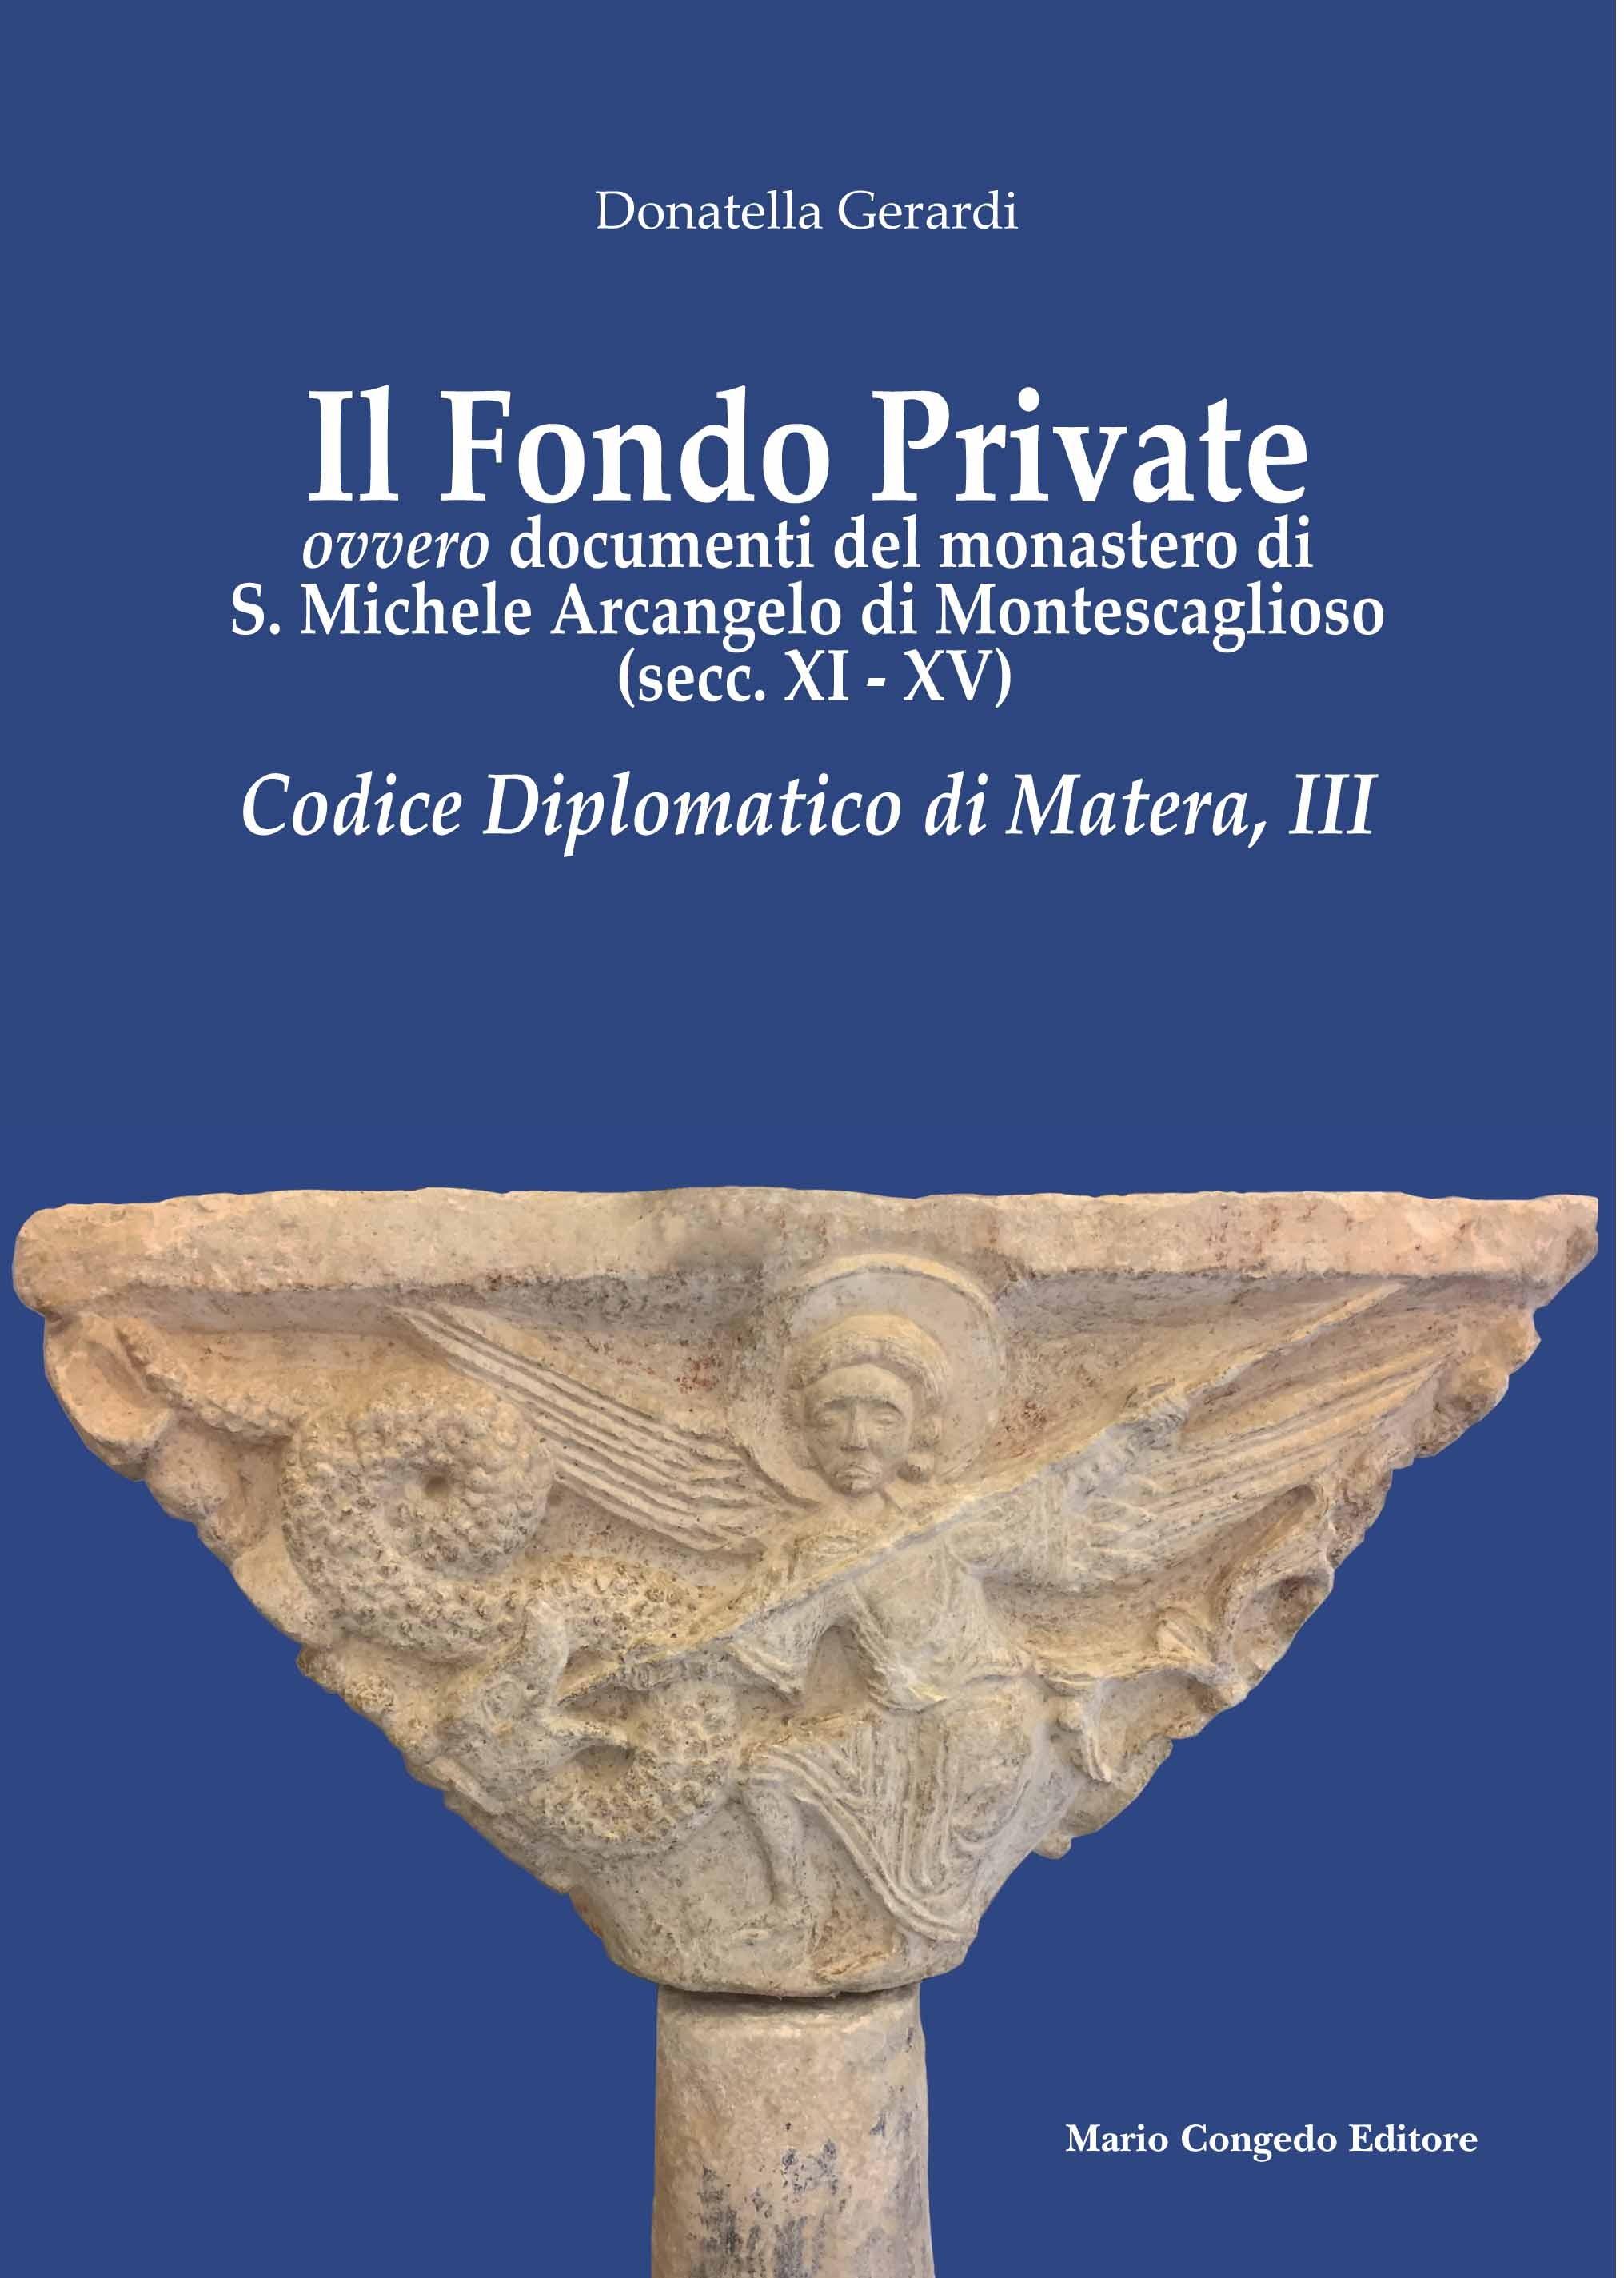 Il Fondo Private ovvero documenti del monastero di S. Michele Arcangelo di Montescaglioso (secc. XI-XV). Codice Diplomatico di Matera, III